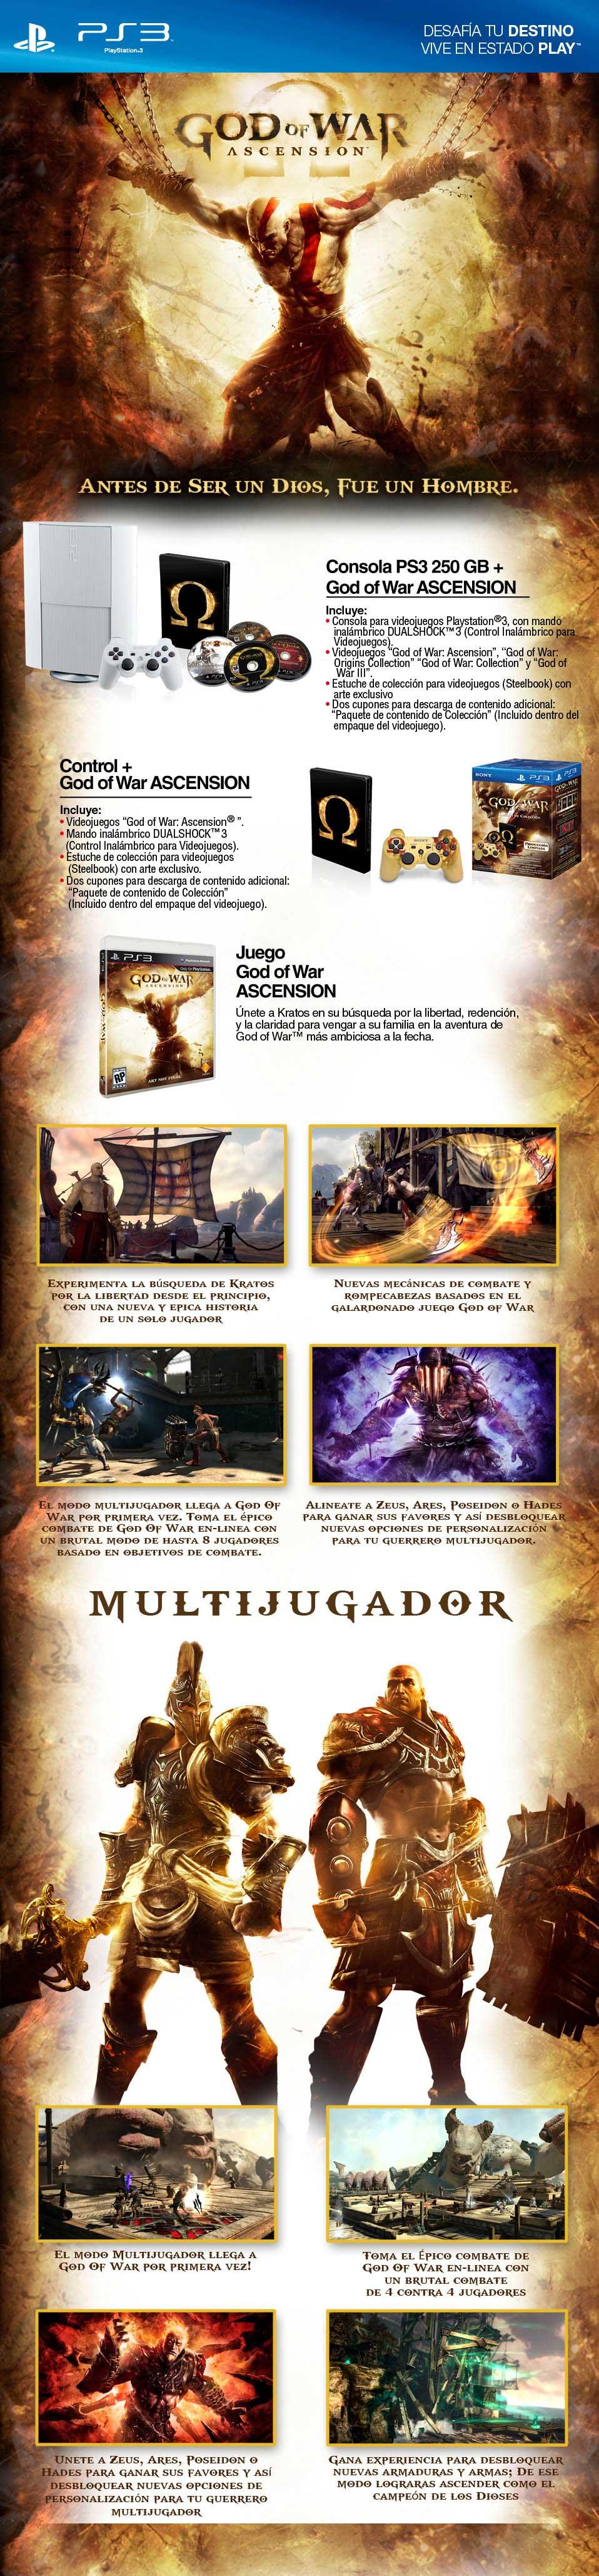 Compra Ya! God Of War Ascension PS3